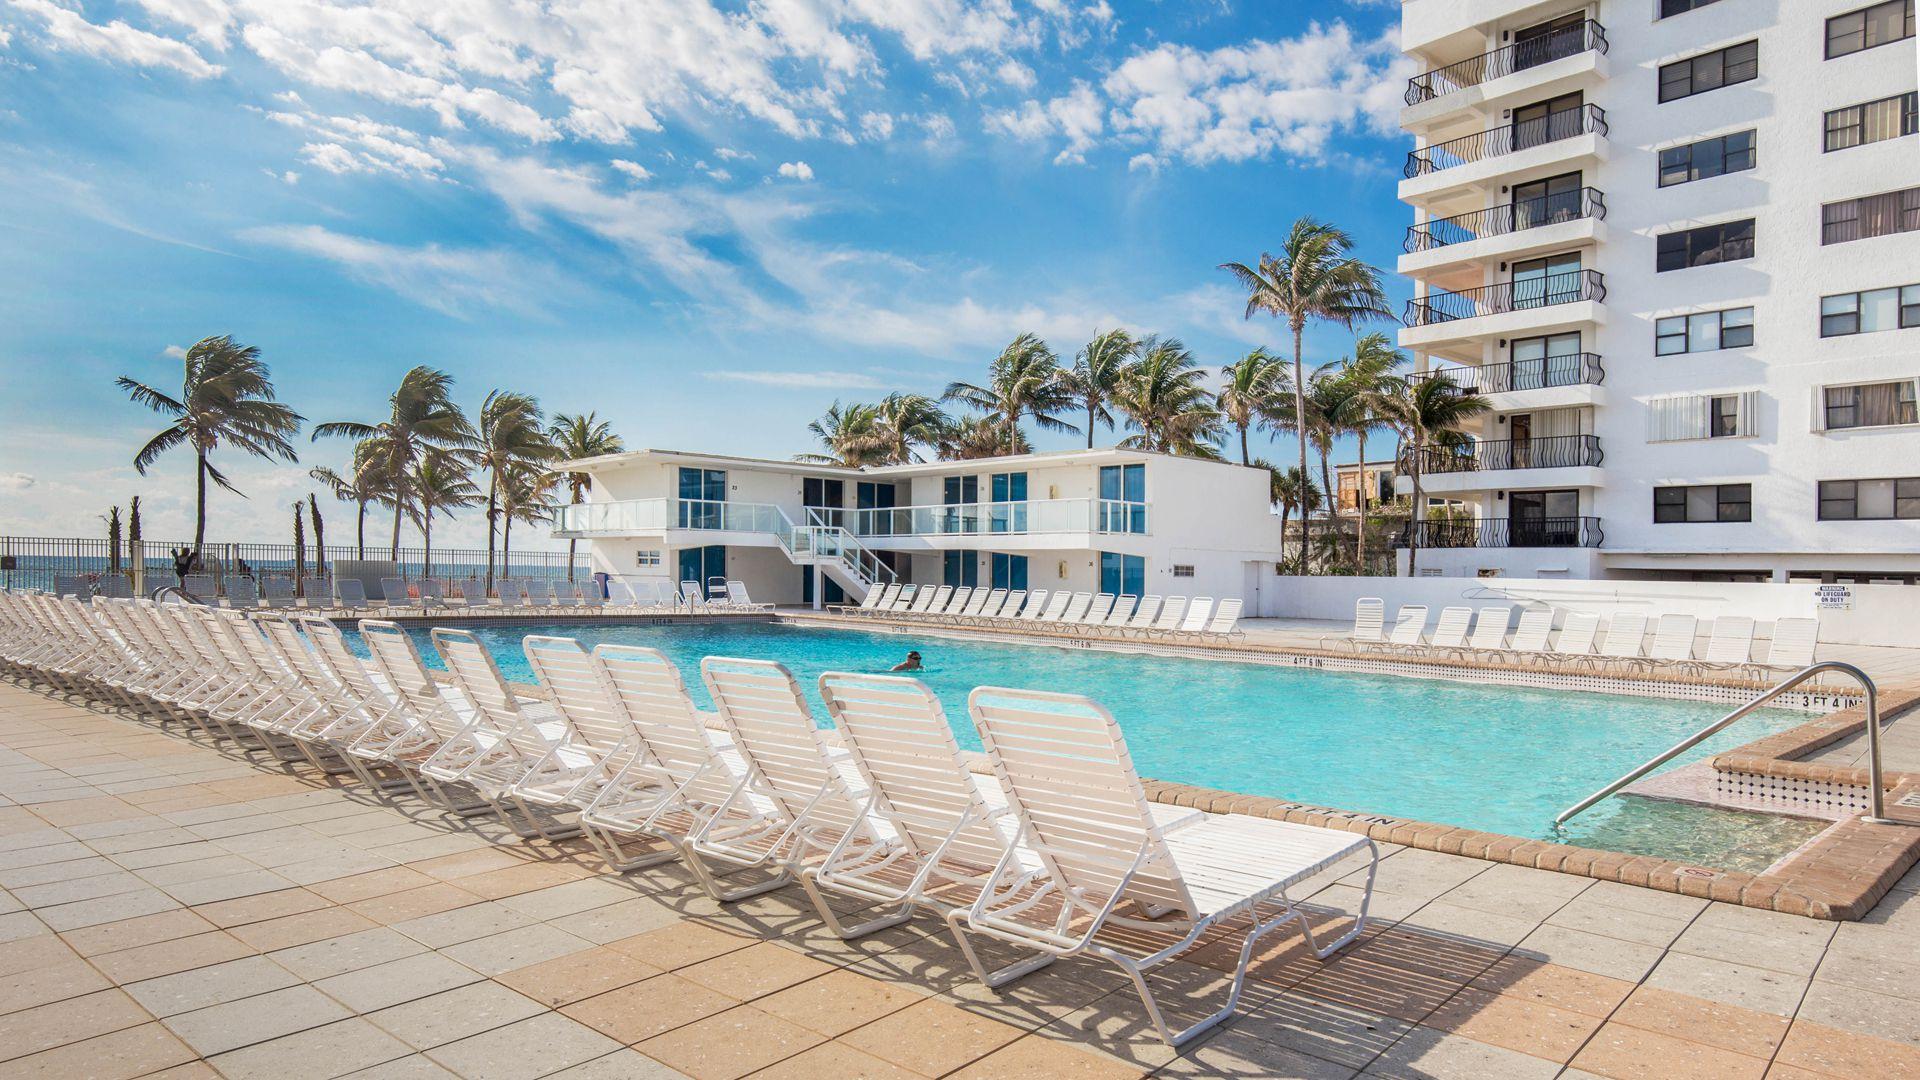 New Point Miami ofrece salida directa a la playa, gimnasio, piscina, cancha de tenis, restaurante y tiendas